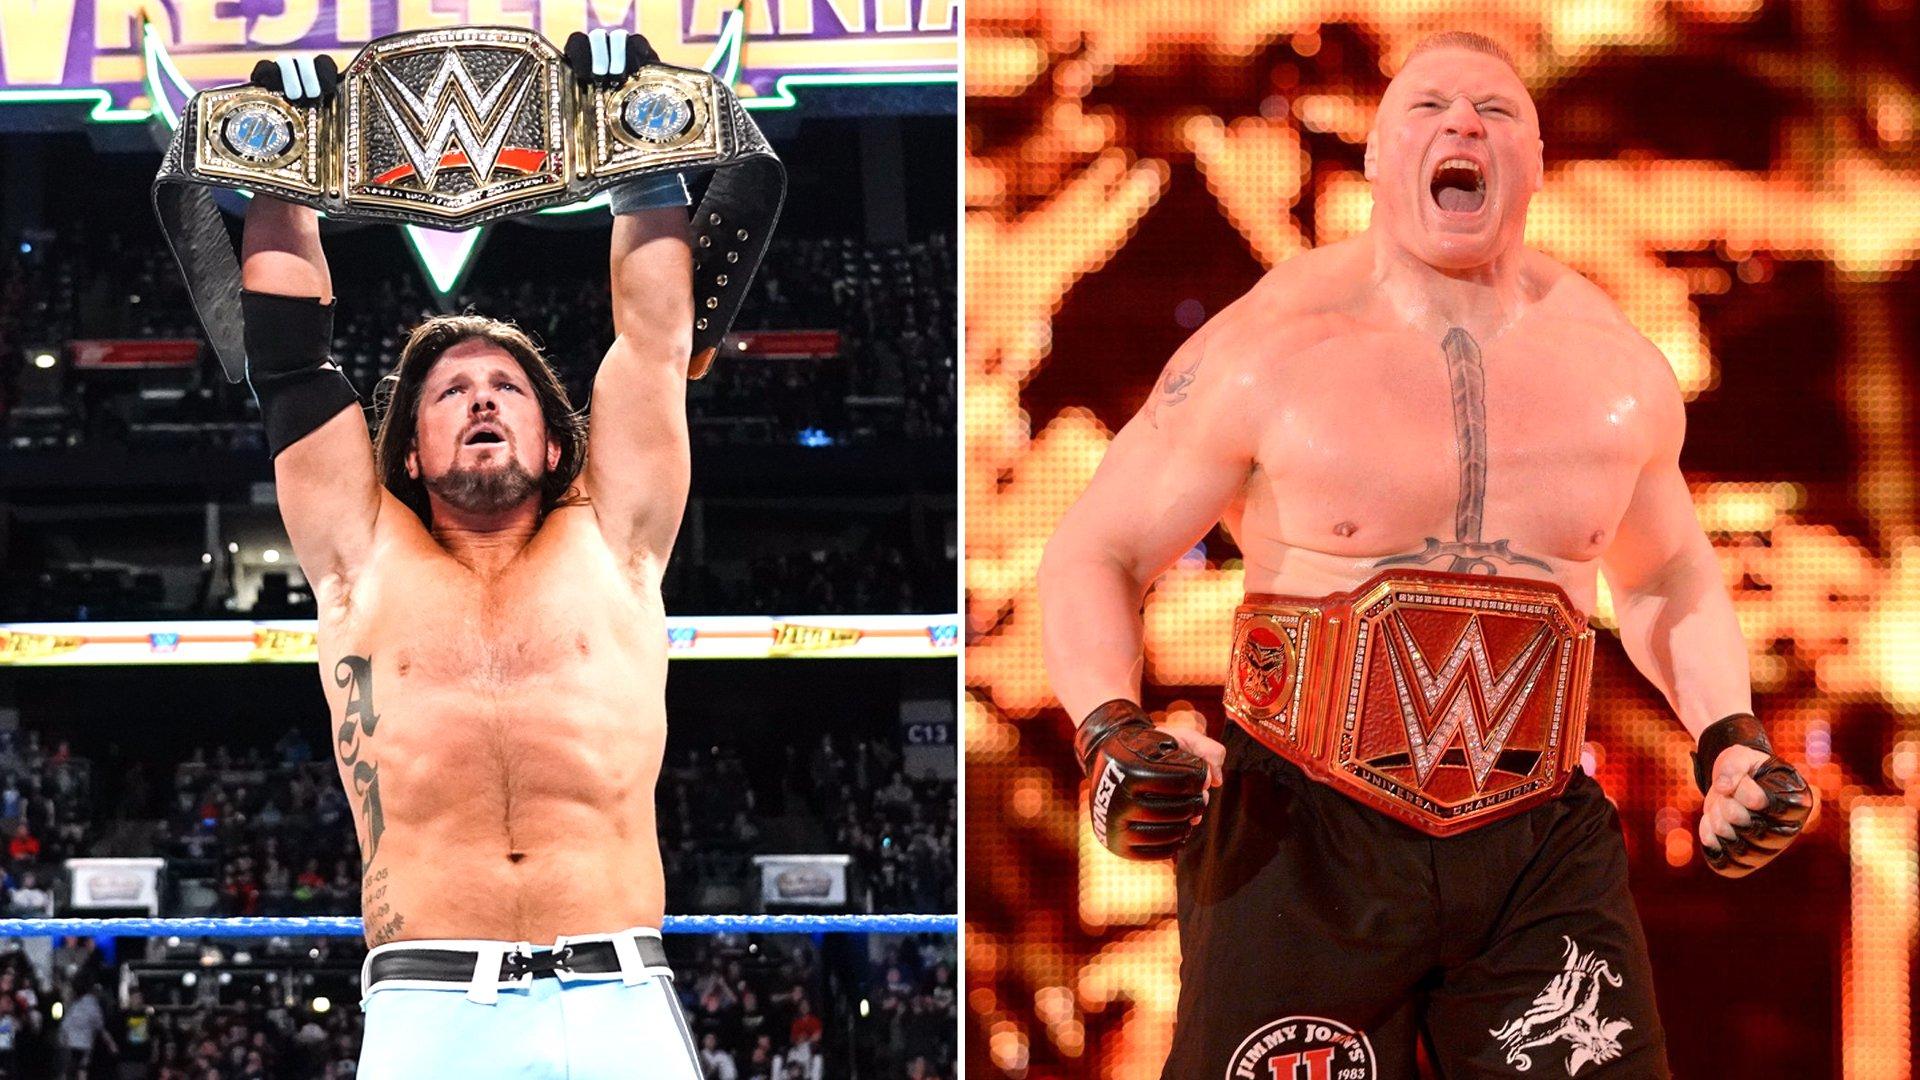 Préférez vous être Champion WWE ou Universel?: WWE Head to Head